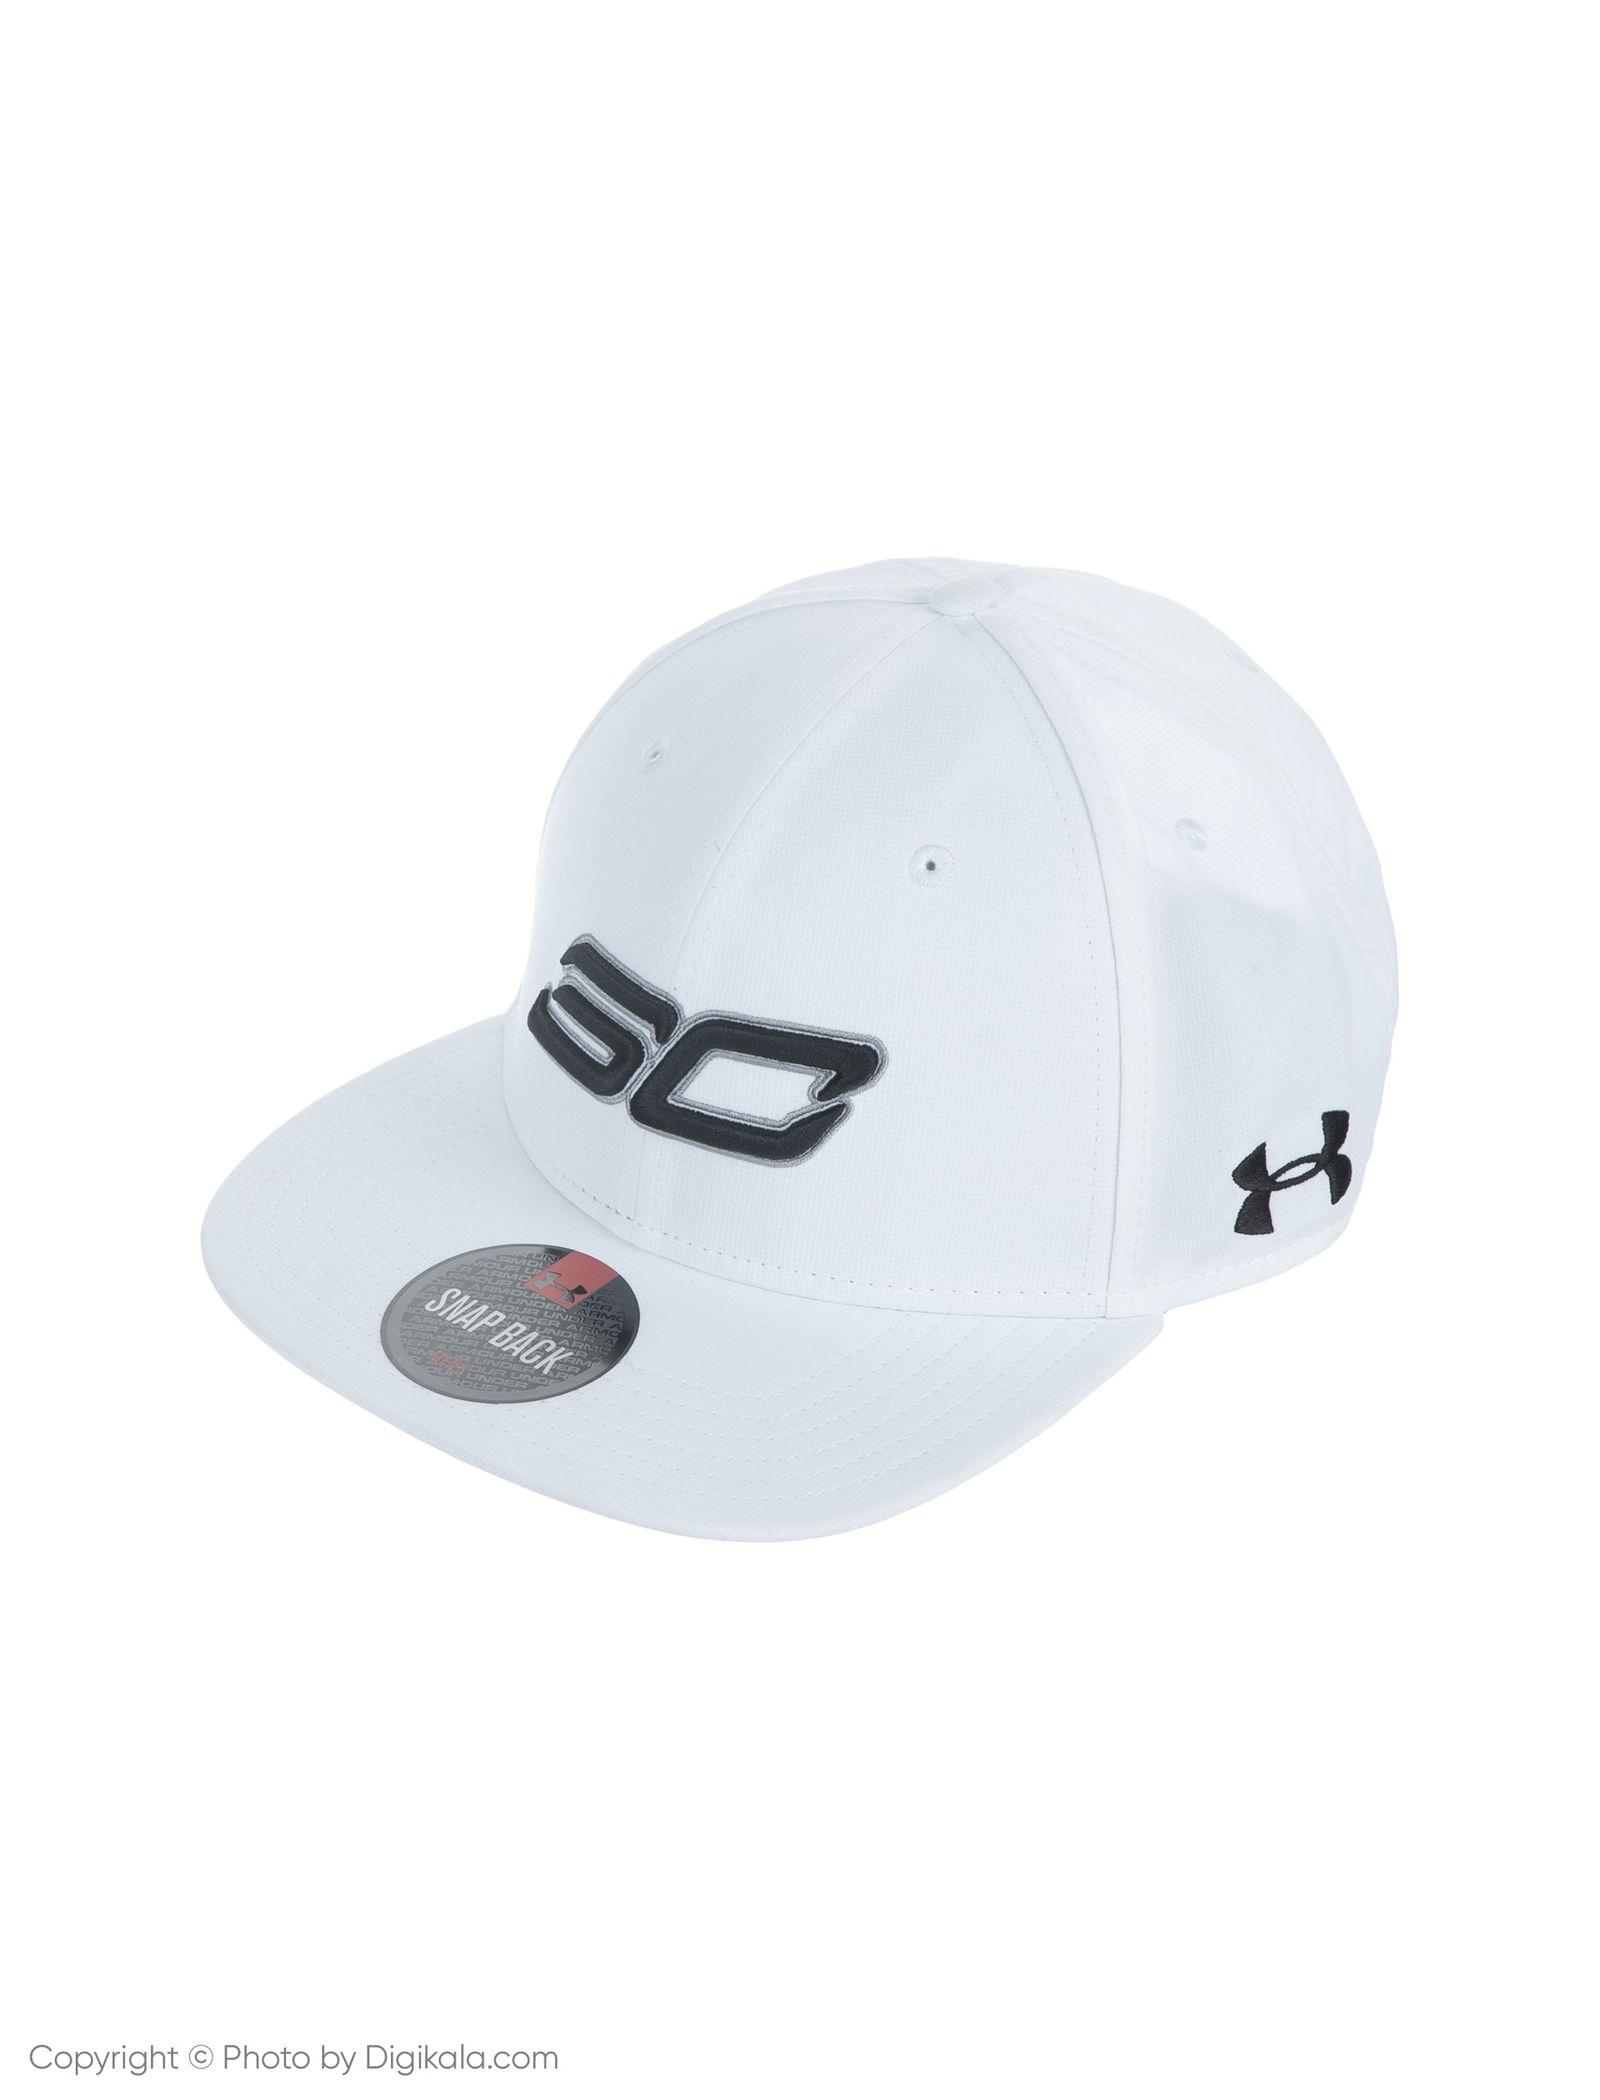 کلاه کپ مردانه آندر آرمور مدل SC30 Core Snapback -  - 1